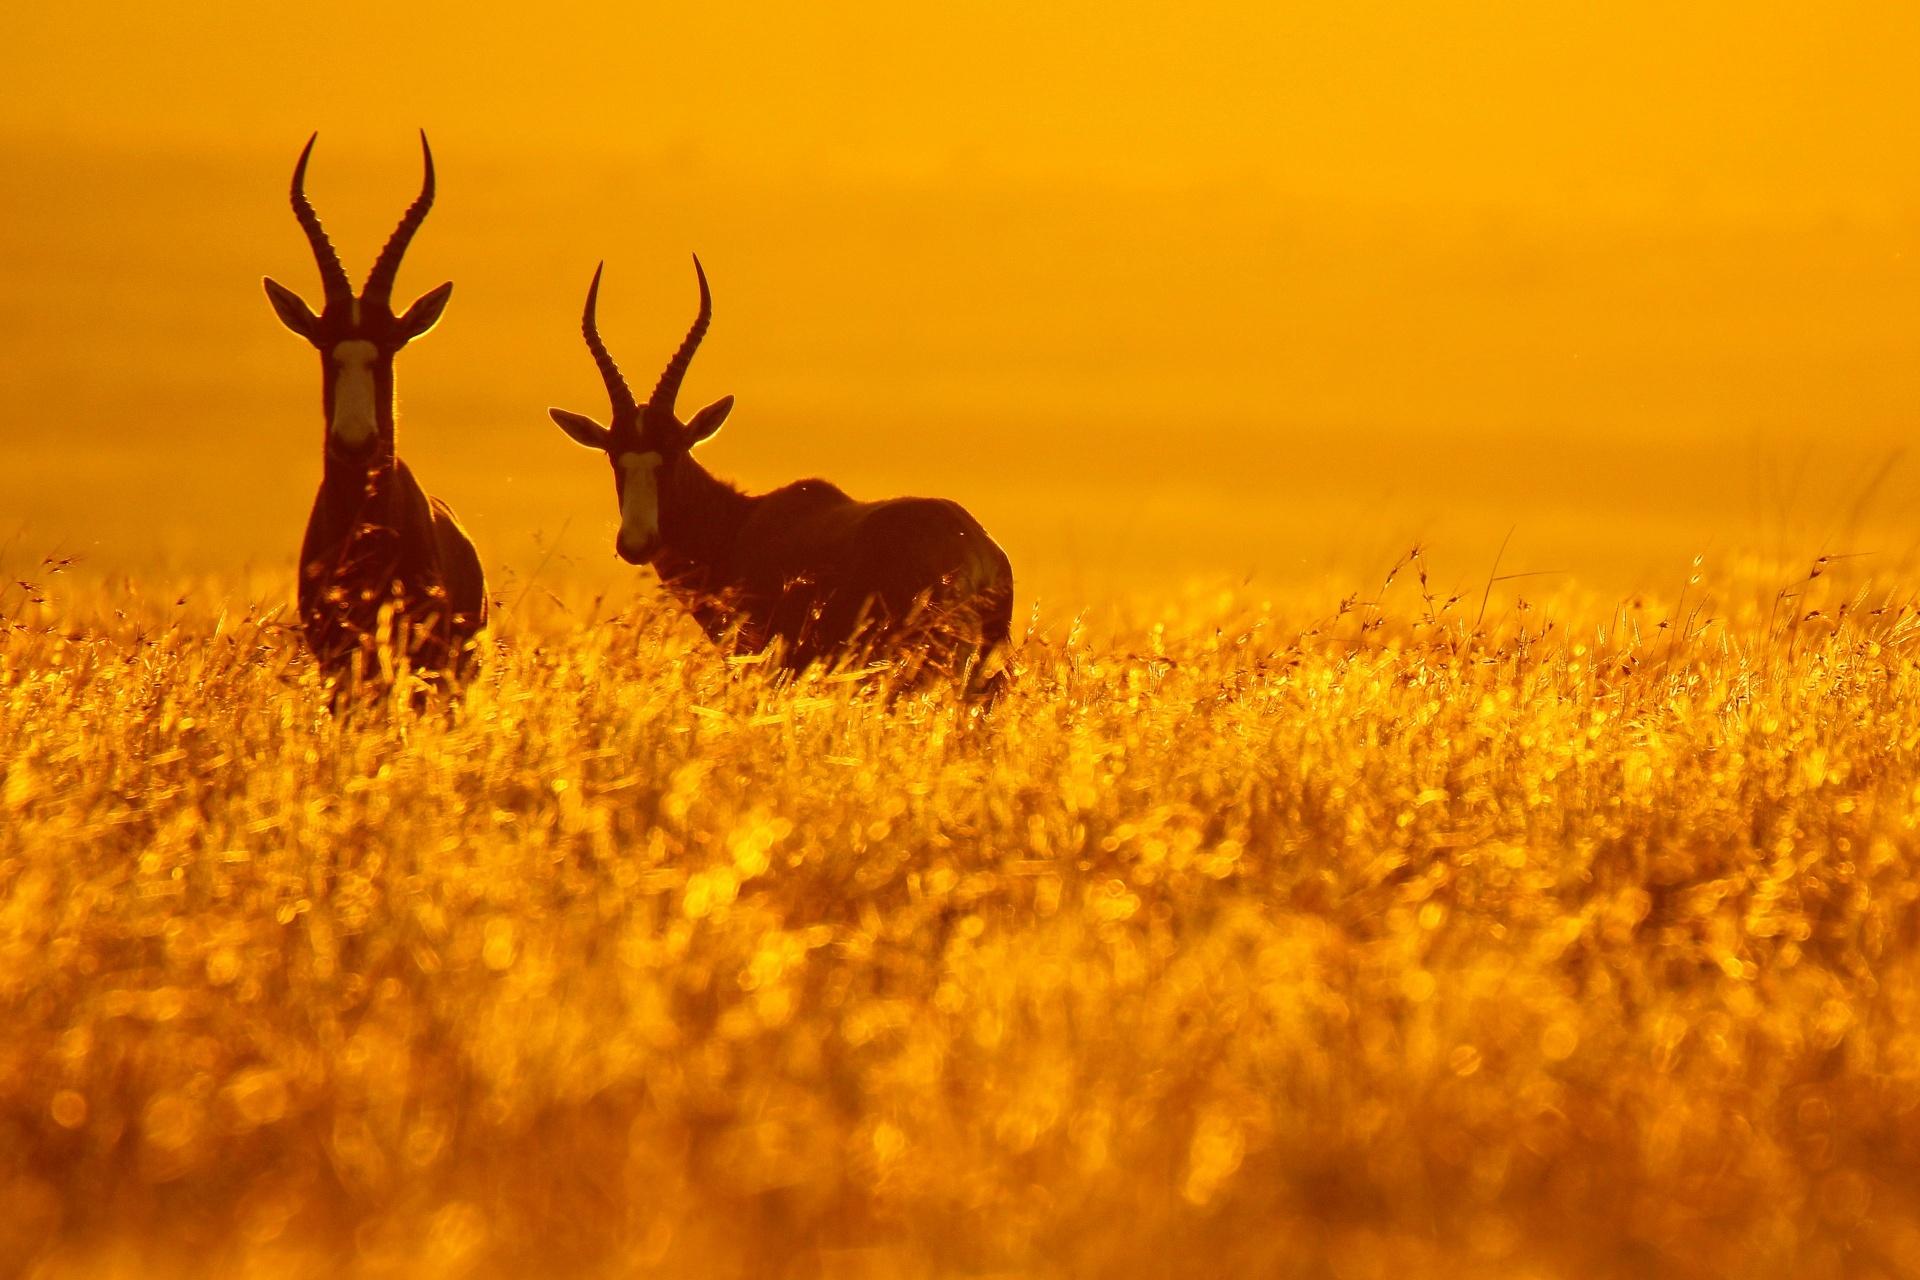 金色の草原の中に立つボンテボック 南アフリカの風景